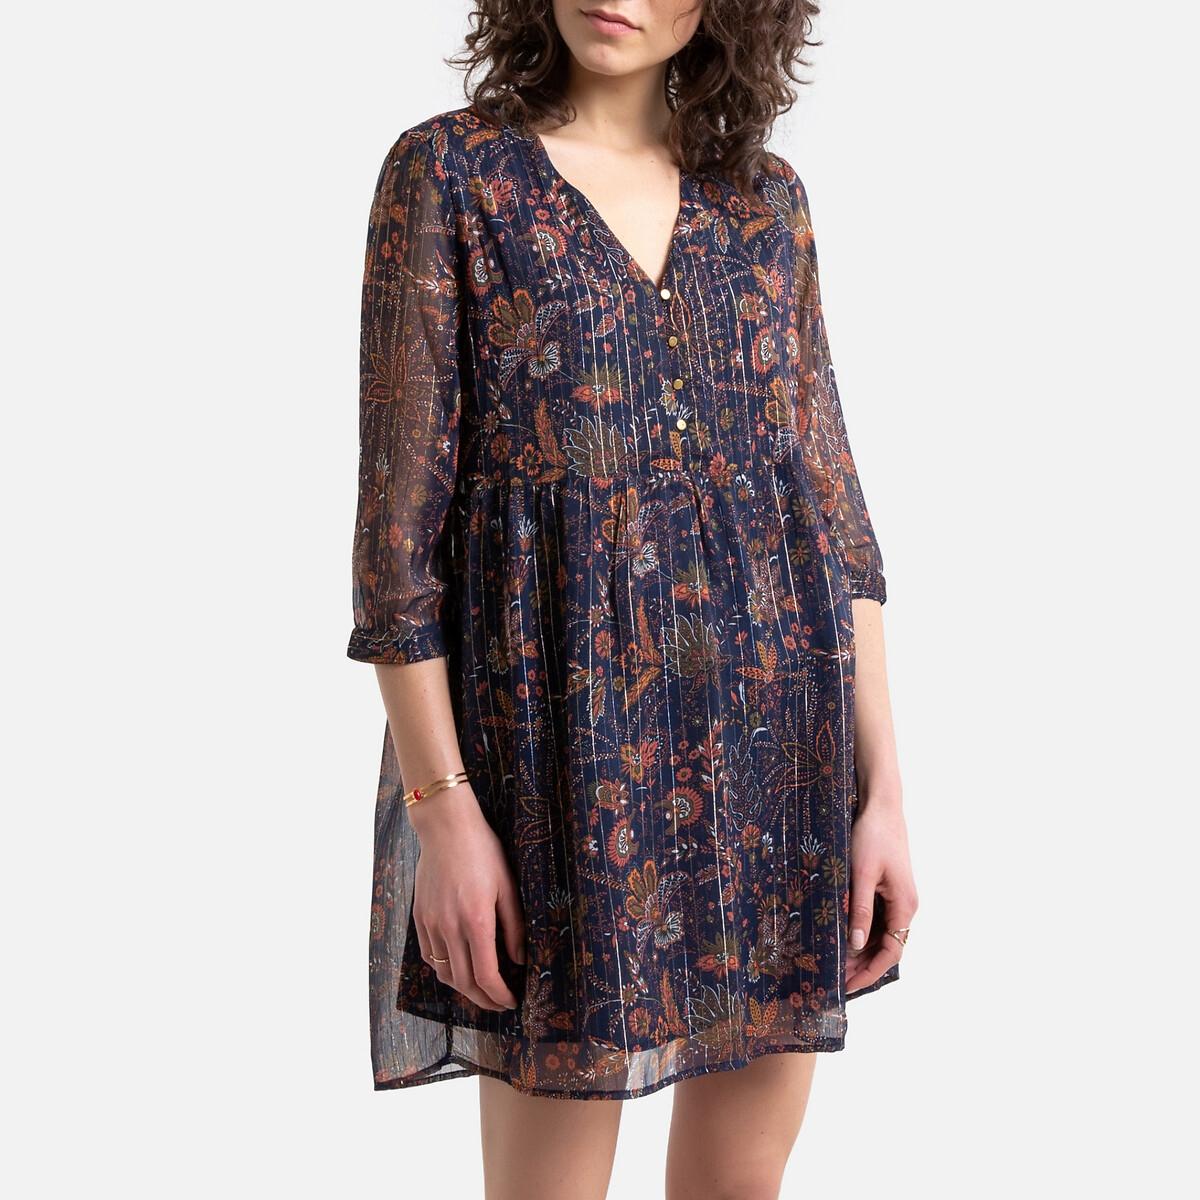 цена на Платье La Redoute С цветочным принтом рукава V-образный вырез XL синий